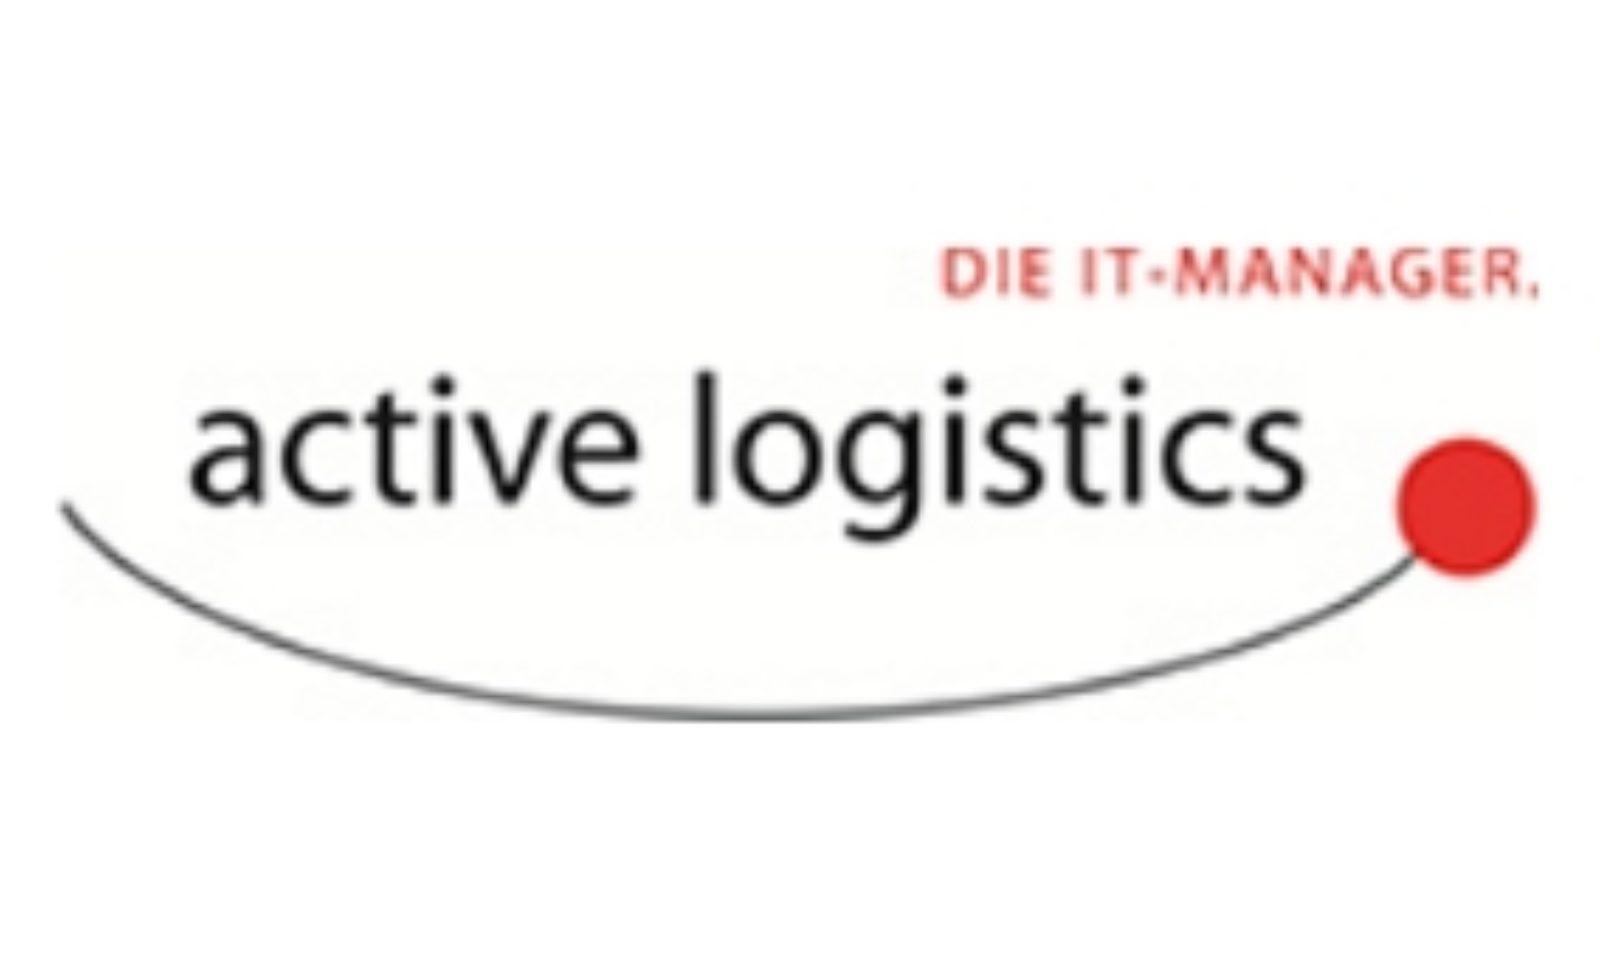 active logistics bindet Sensordaten in Sendungsverfolgung ein